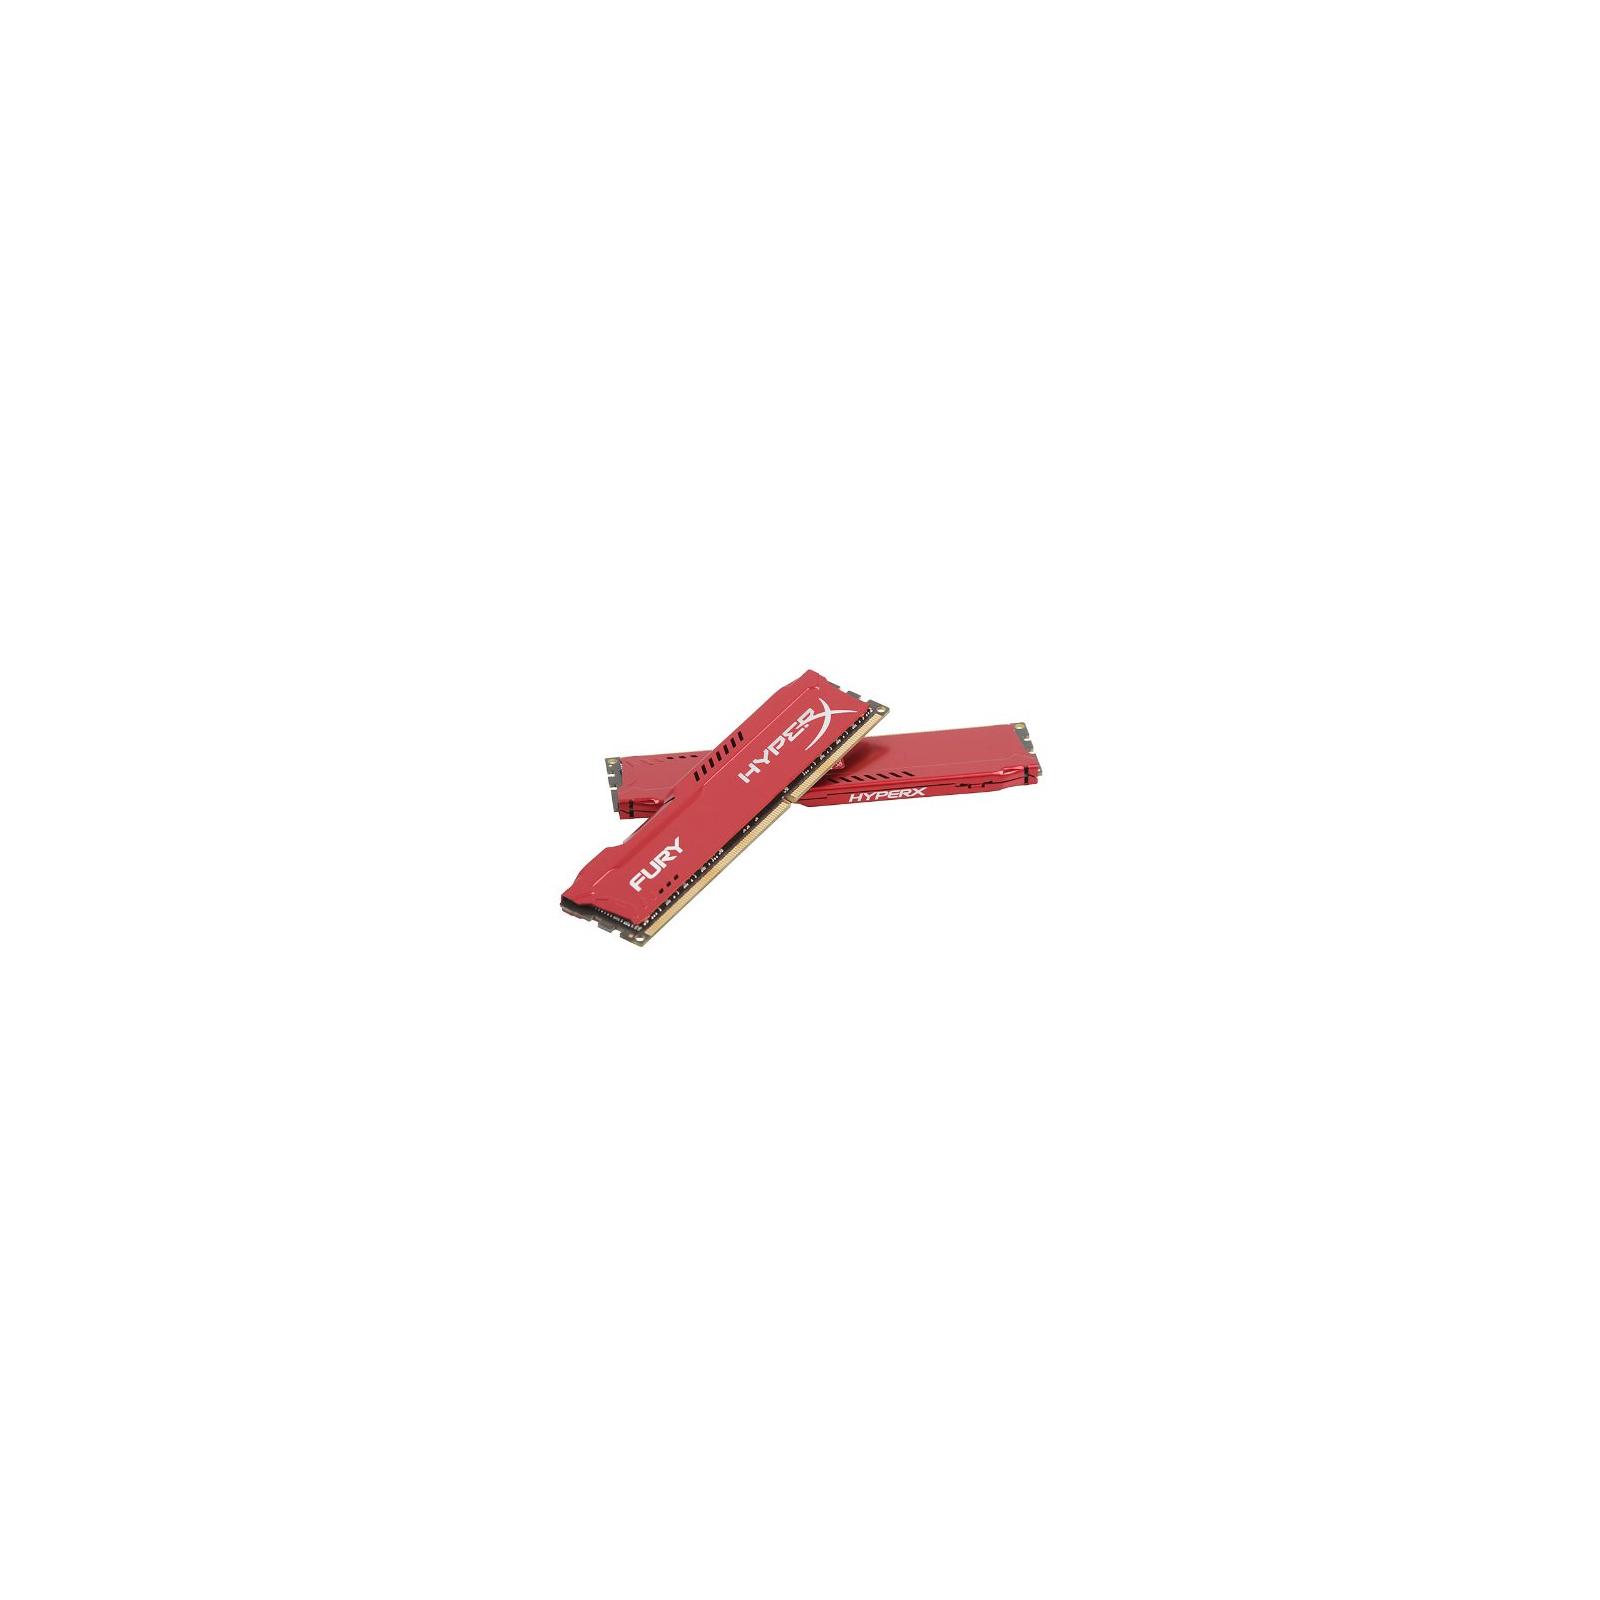 Модуль памяти для компьютера DDR3 16Gb (2x8GB) 1600 MHz HyperX Fury Red Kingston (HX316C10FRK2/16) изображение 4